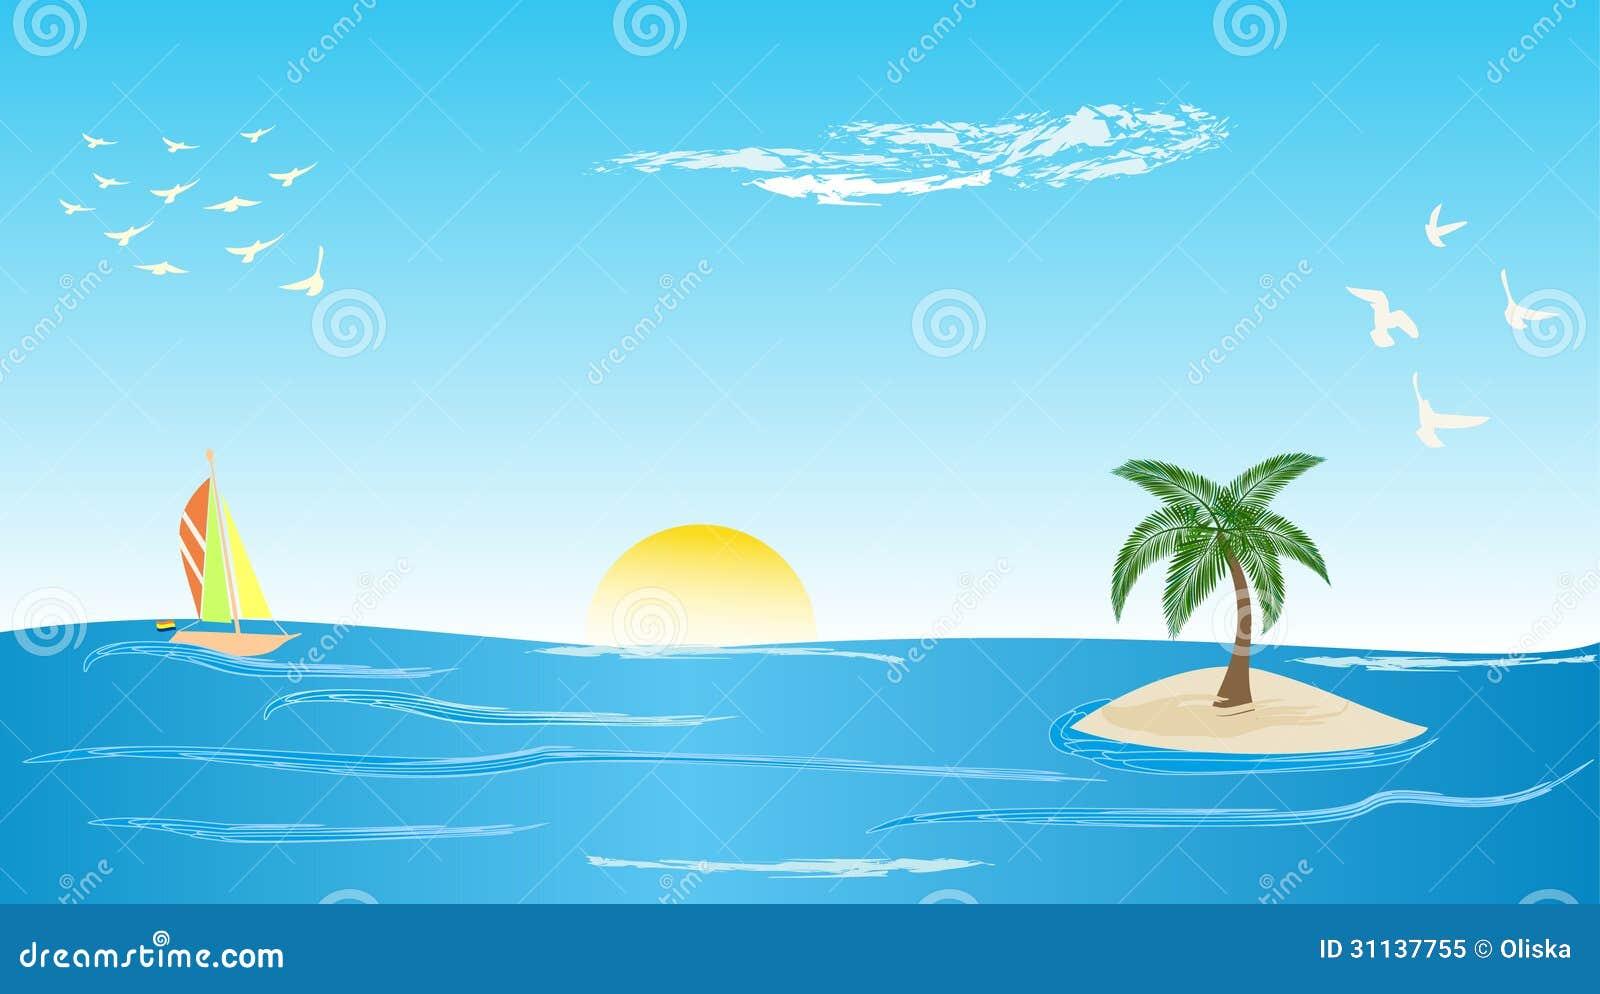 有一棵棕榈树的天空海岛在与函数,海,背景和鸟的热带.太阳v天空窗法fir低滤波器通图片